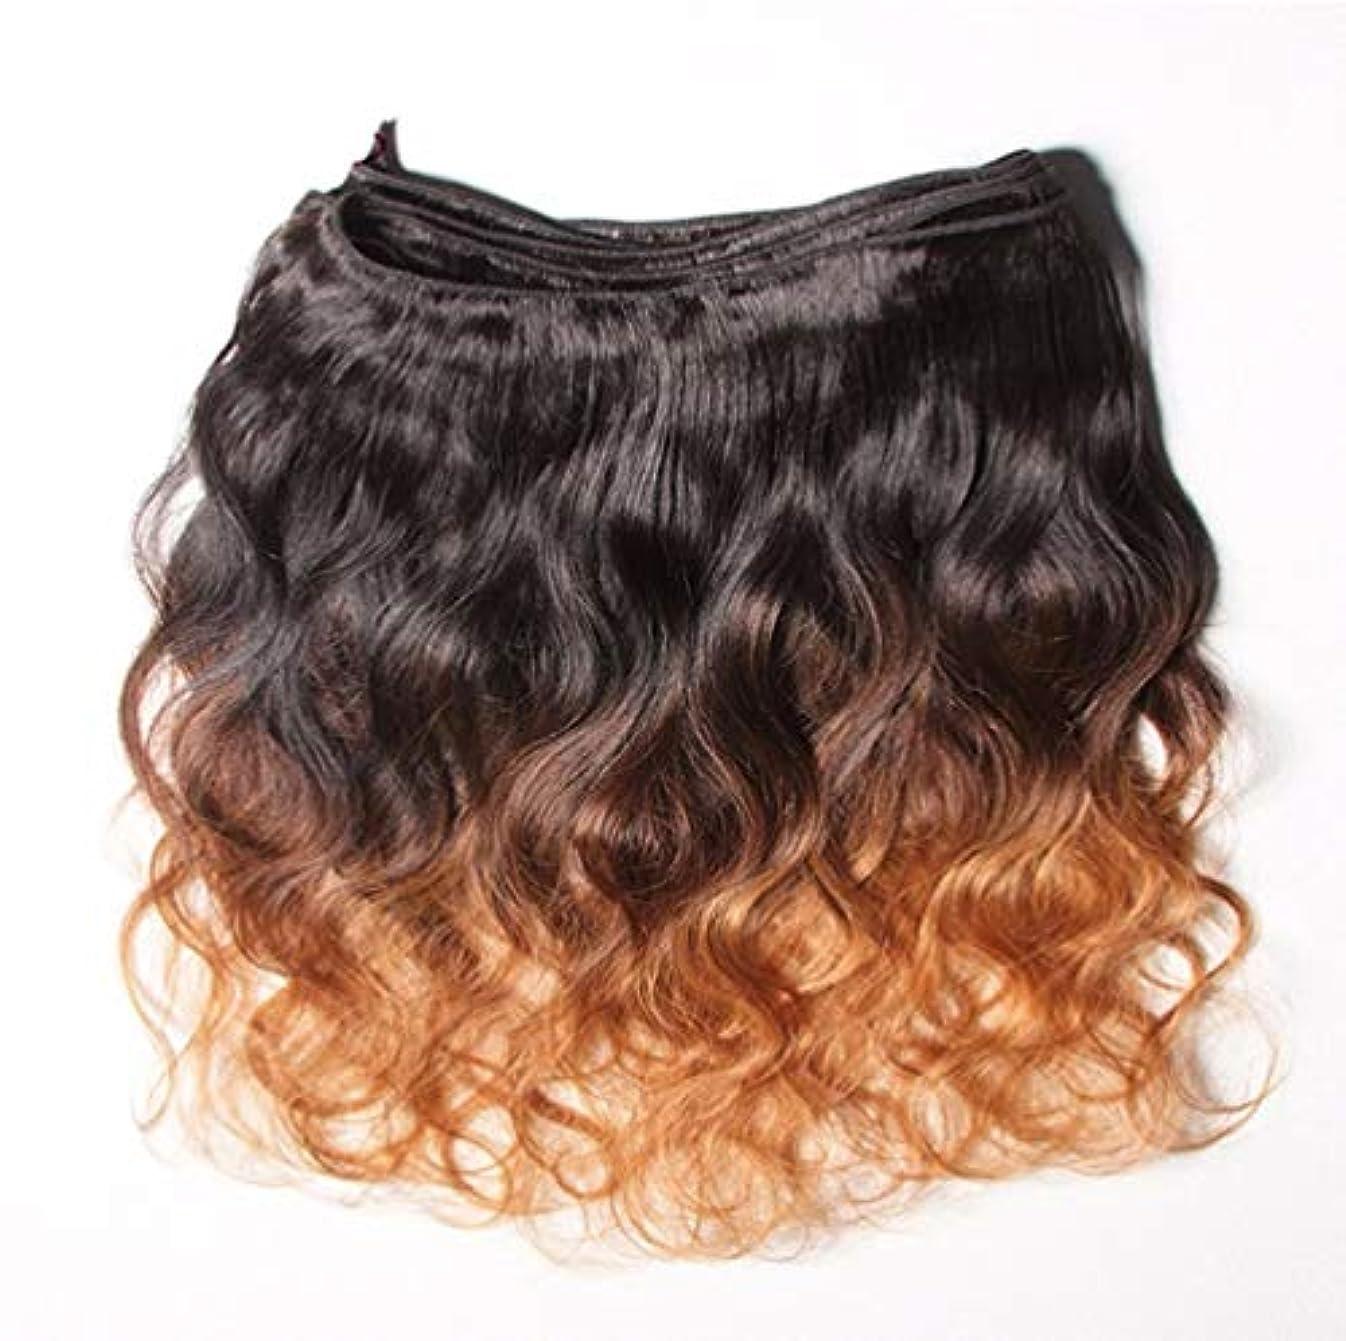 傘静けさ朝食を食べる10Aグレードの髪織りブラジルペルー人毛バージン髪変態カーリーオンブル人間の髪織り(3バンドル)